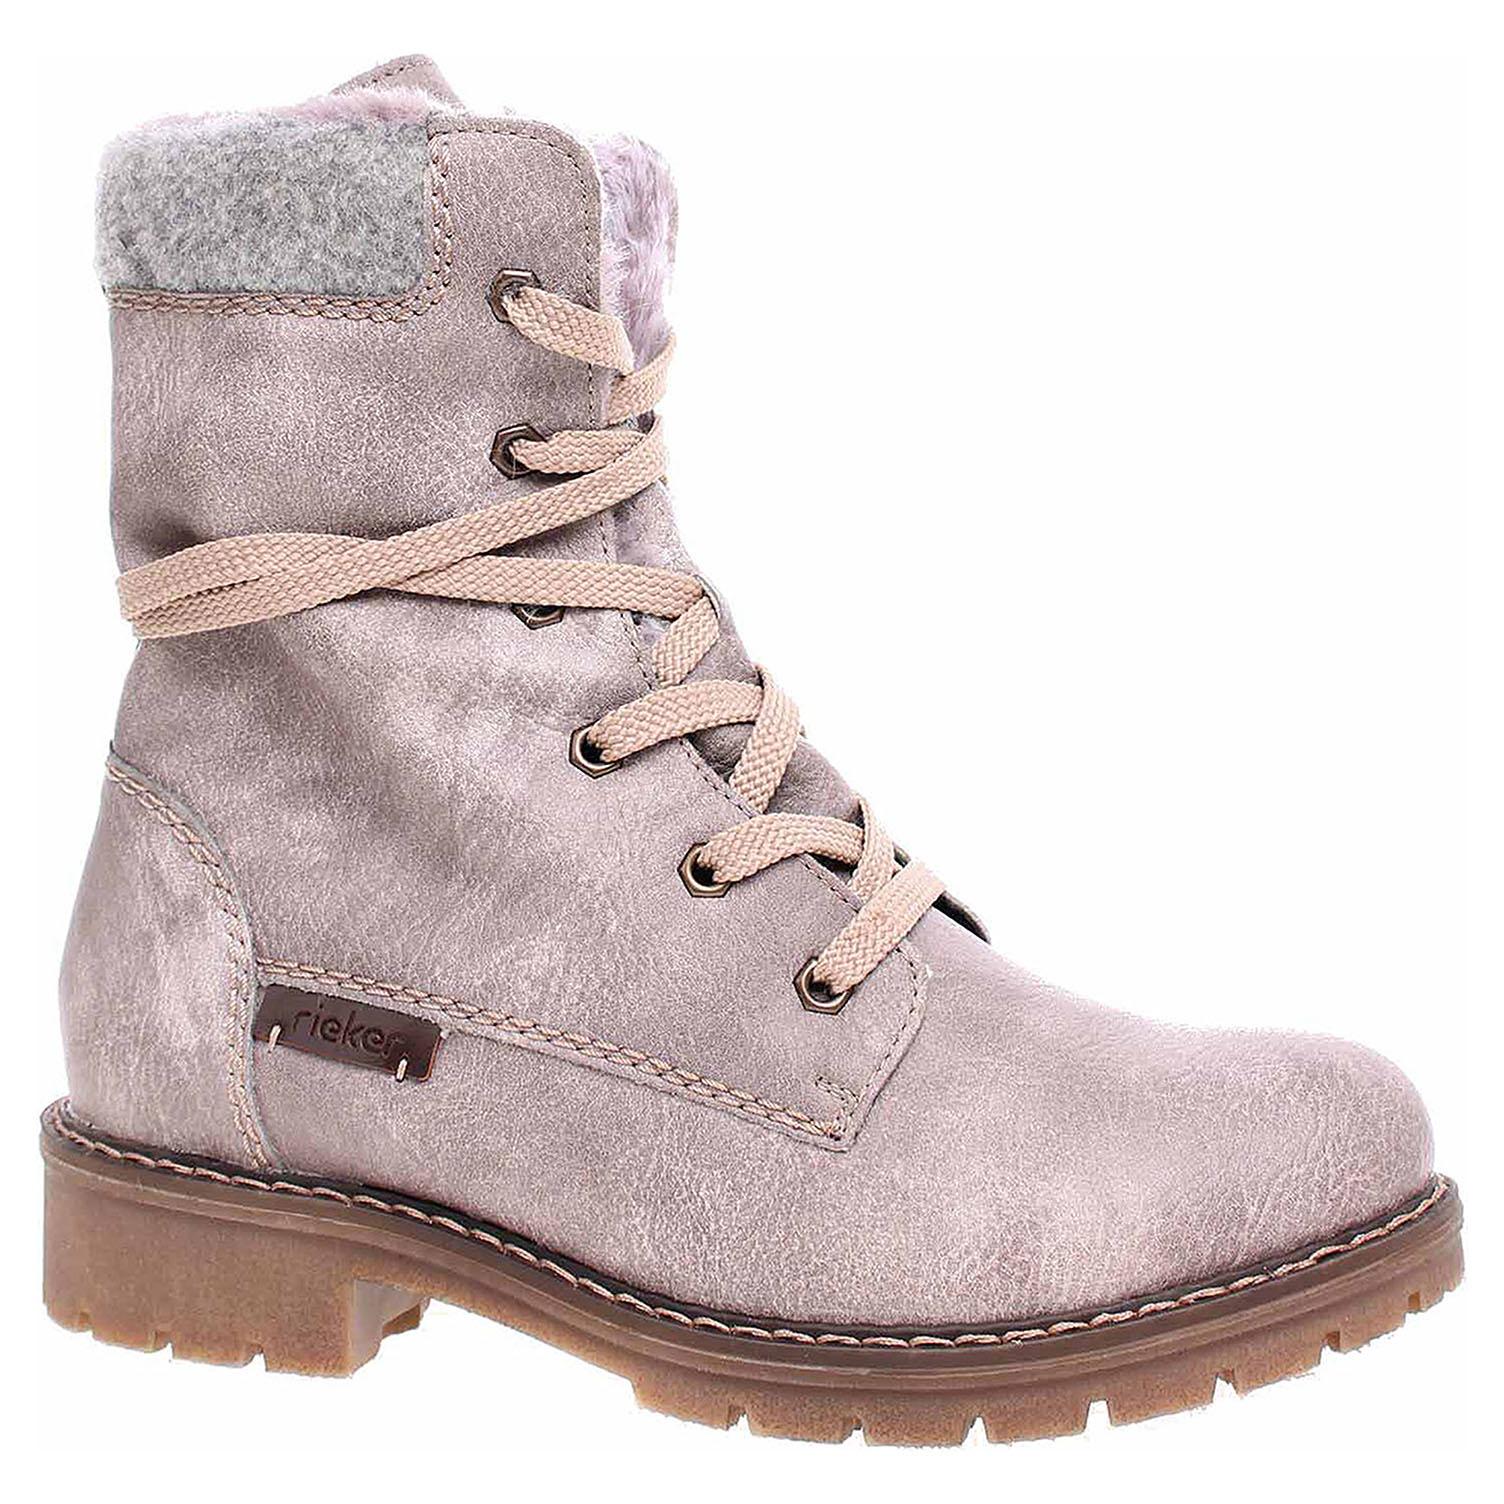 ececdcfbeb Ecco Dámská kotníková obuv Rieker Y9122-42 grau kombi 22400757